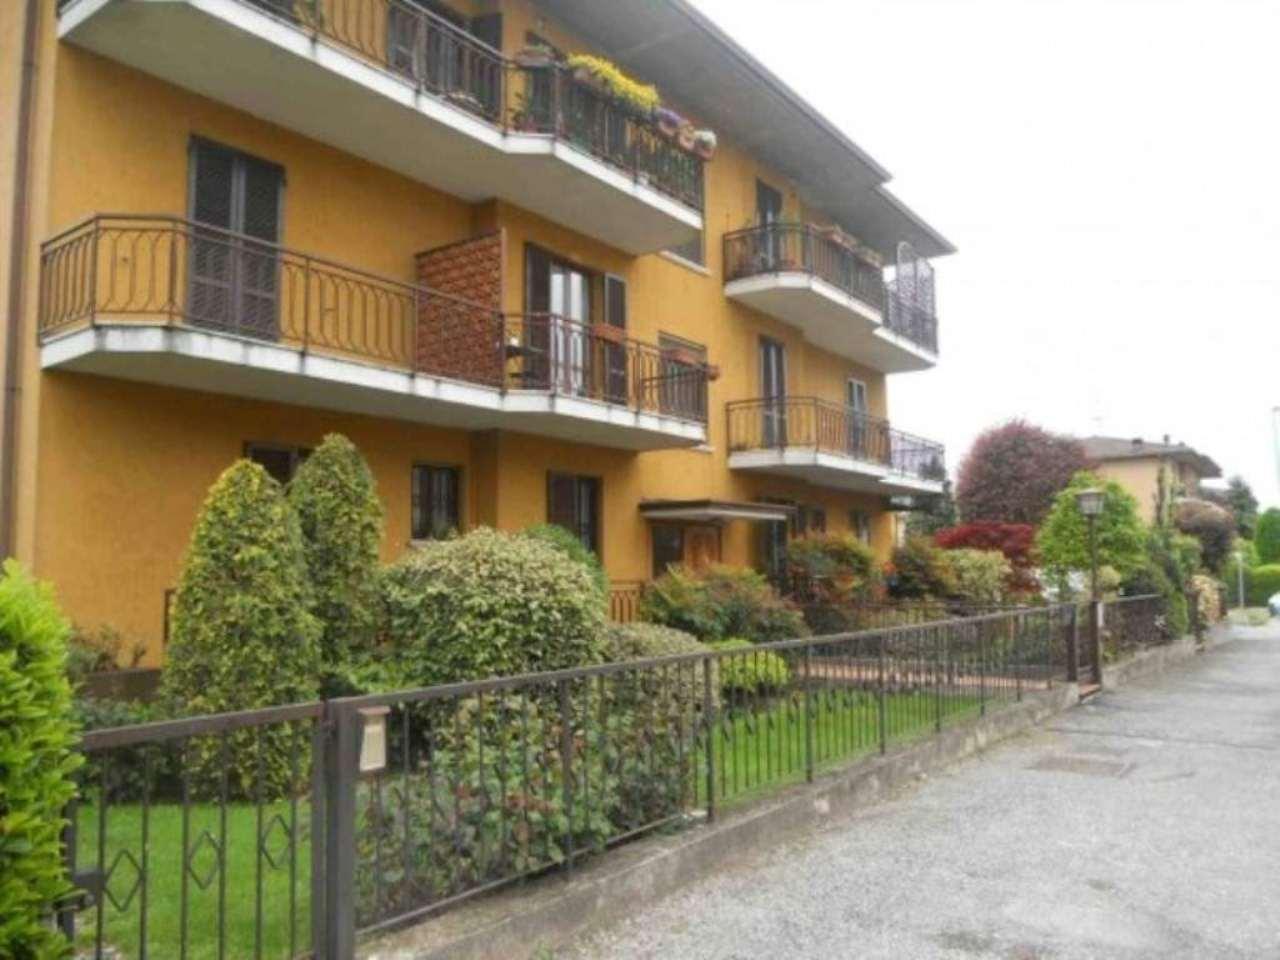 Appartamento in vendita a Borgosatollo, 2 locali, prezzo € 85.000 | CambioCasa.it